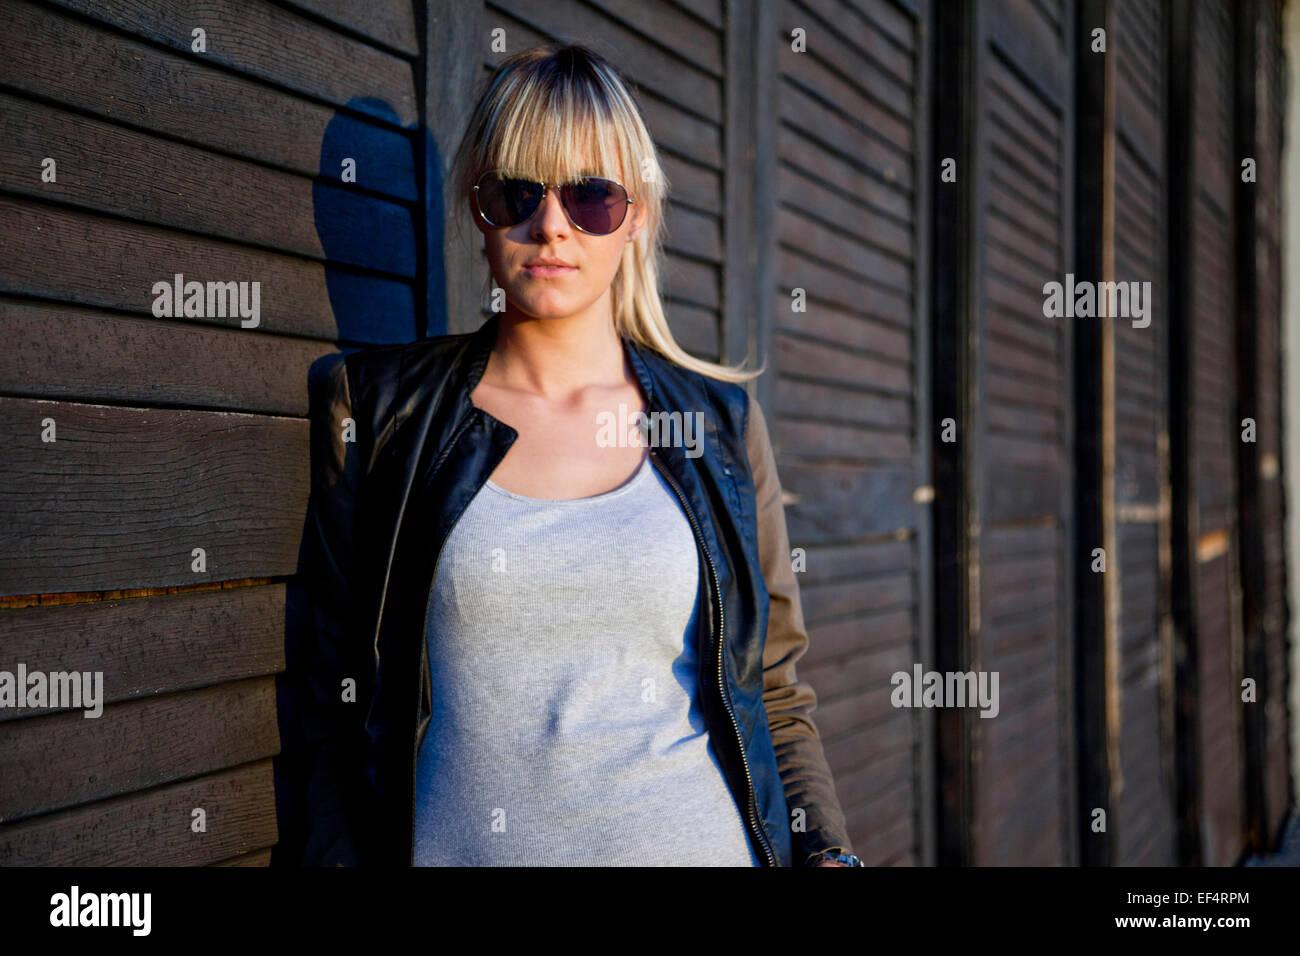 Portrait de jeune femme avec des lunettes Photo Stock